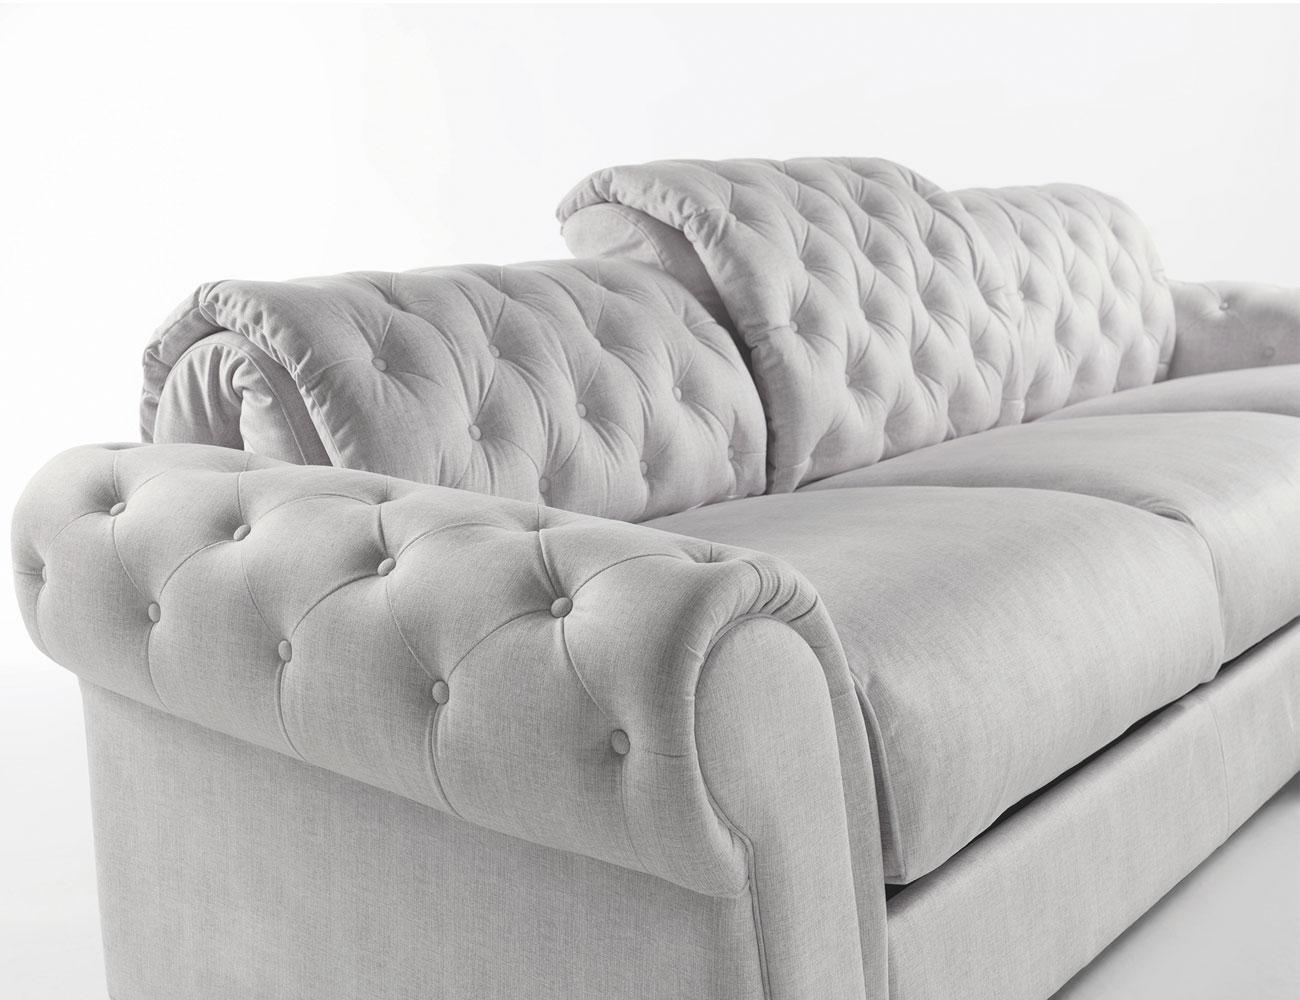 Sofa chaiselongue gran lujo decorativo capitone blanco tela 145